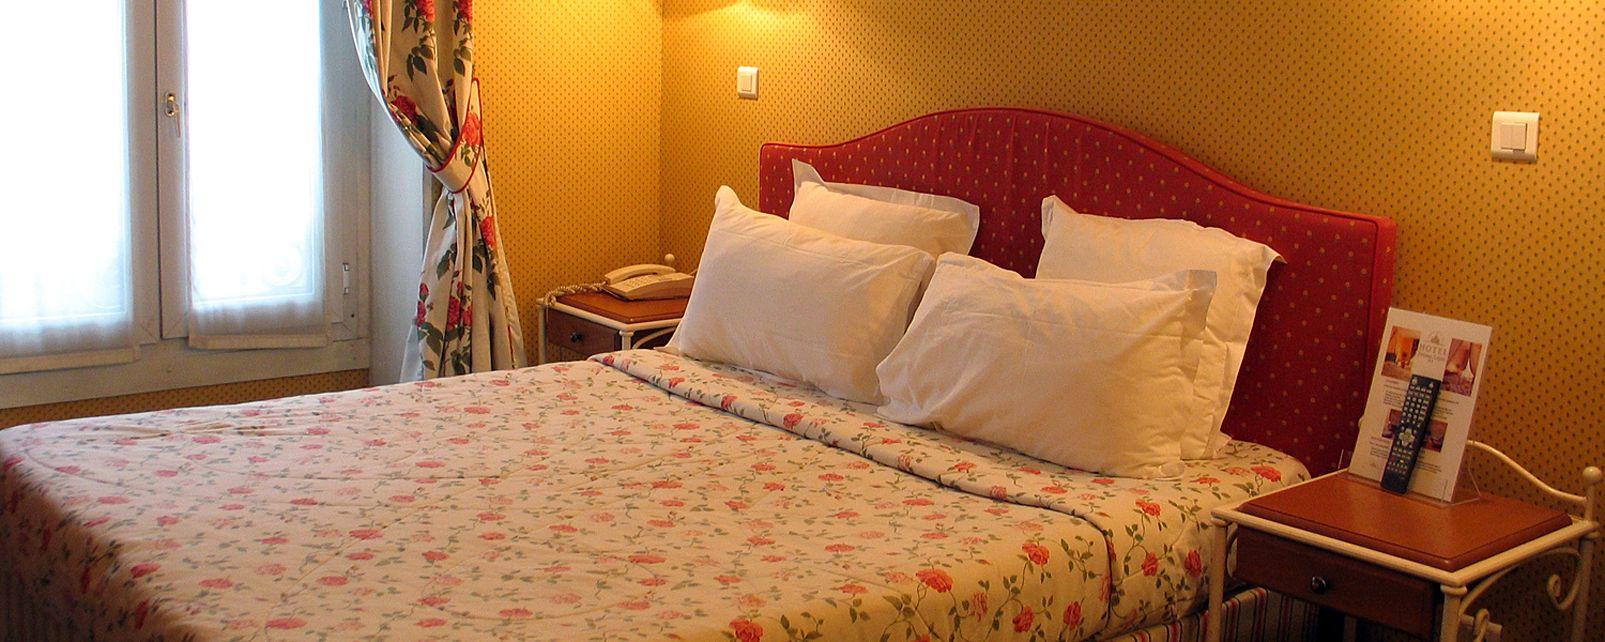 Hôtel Prima Lepic Hotel Paris